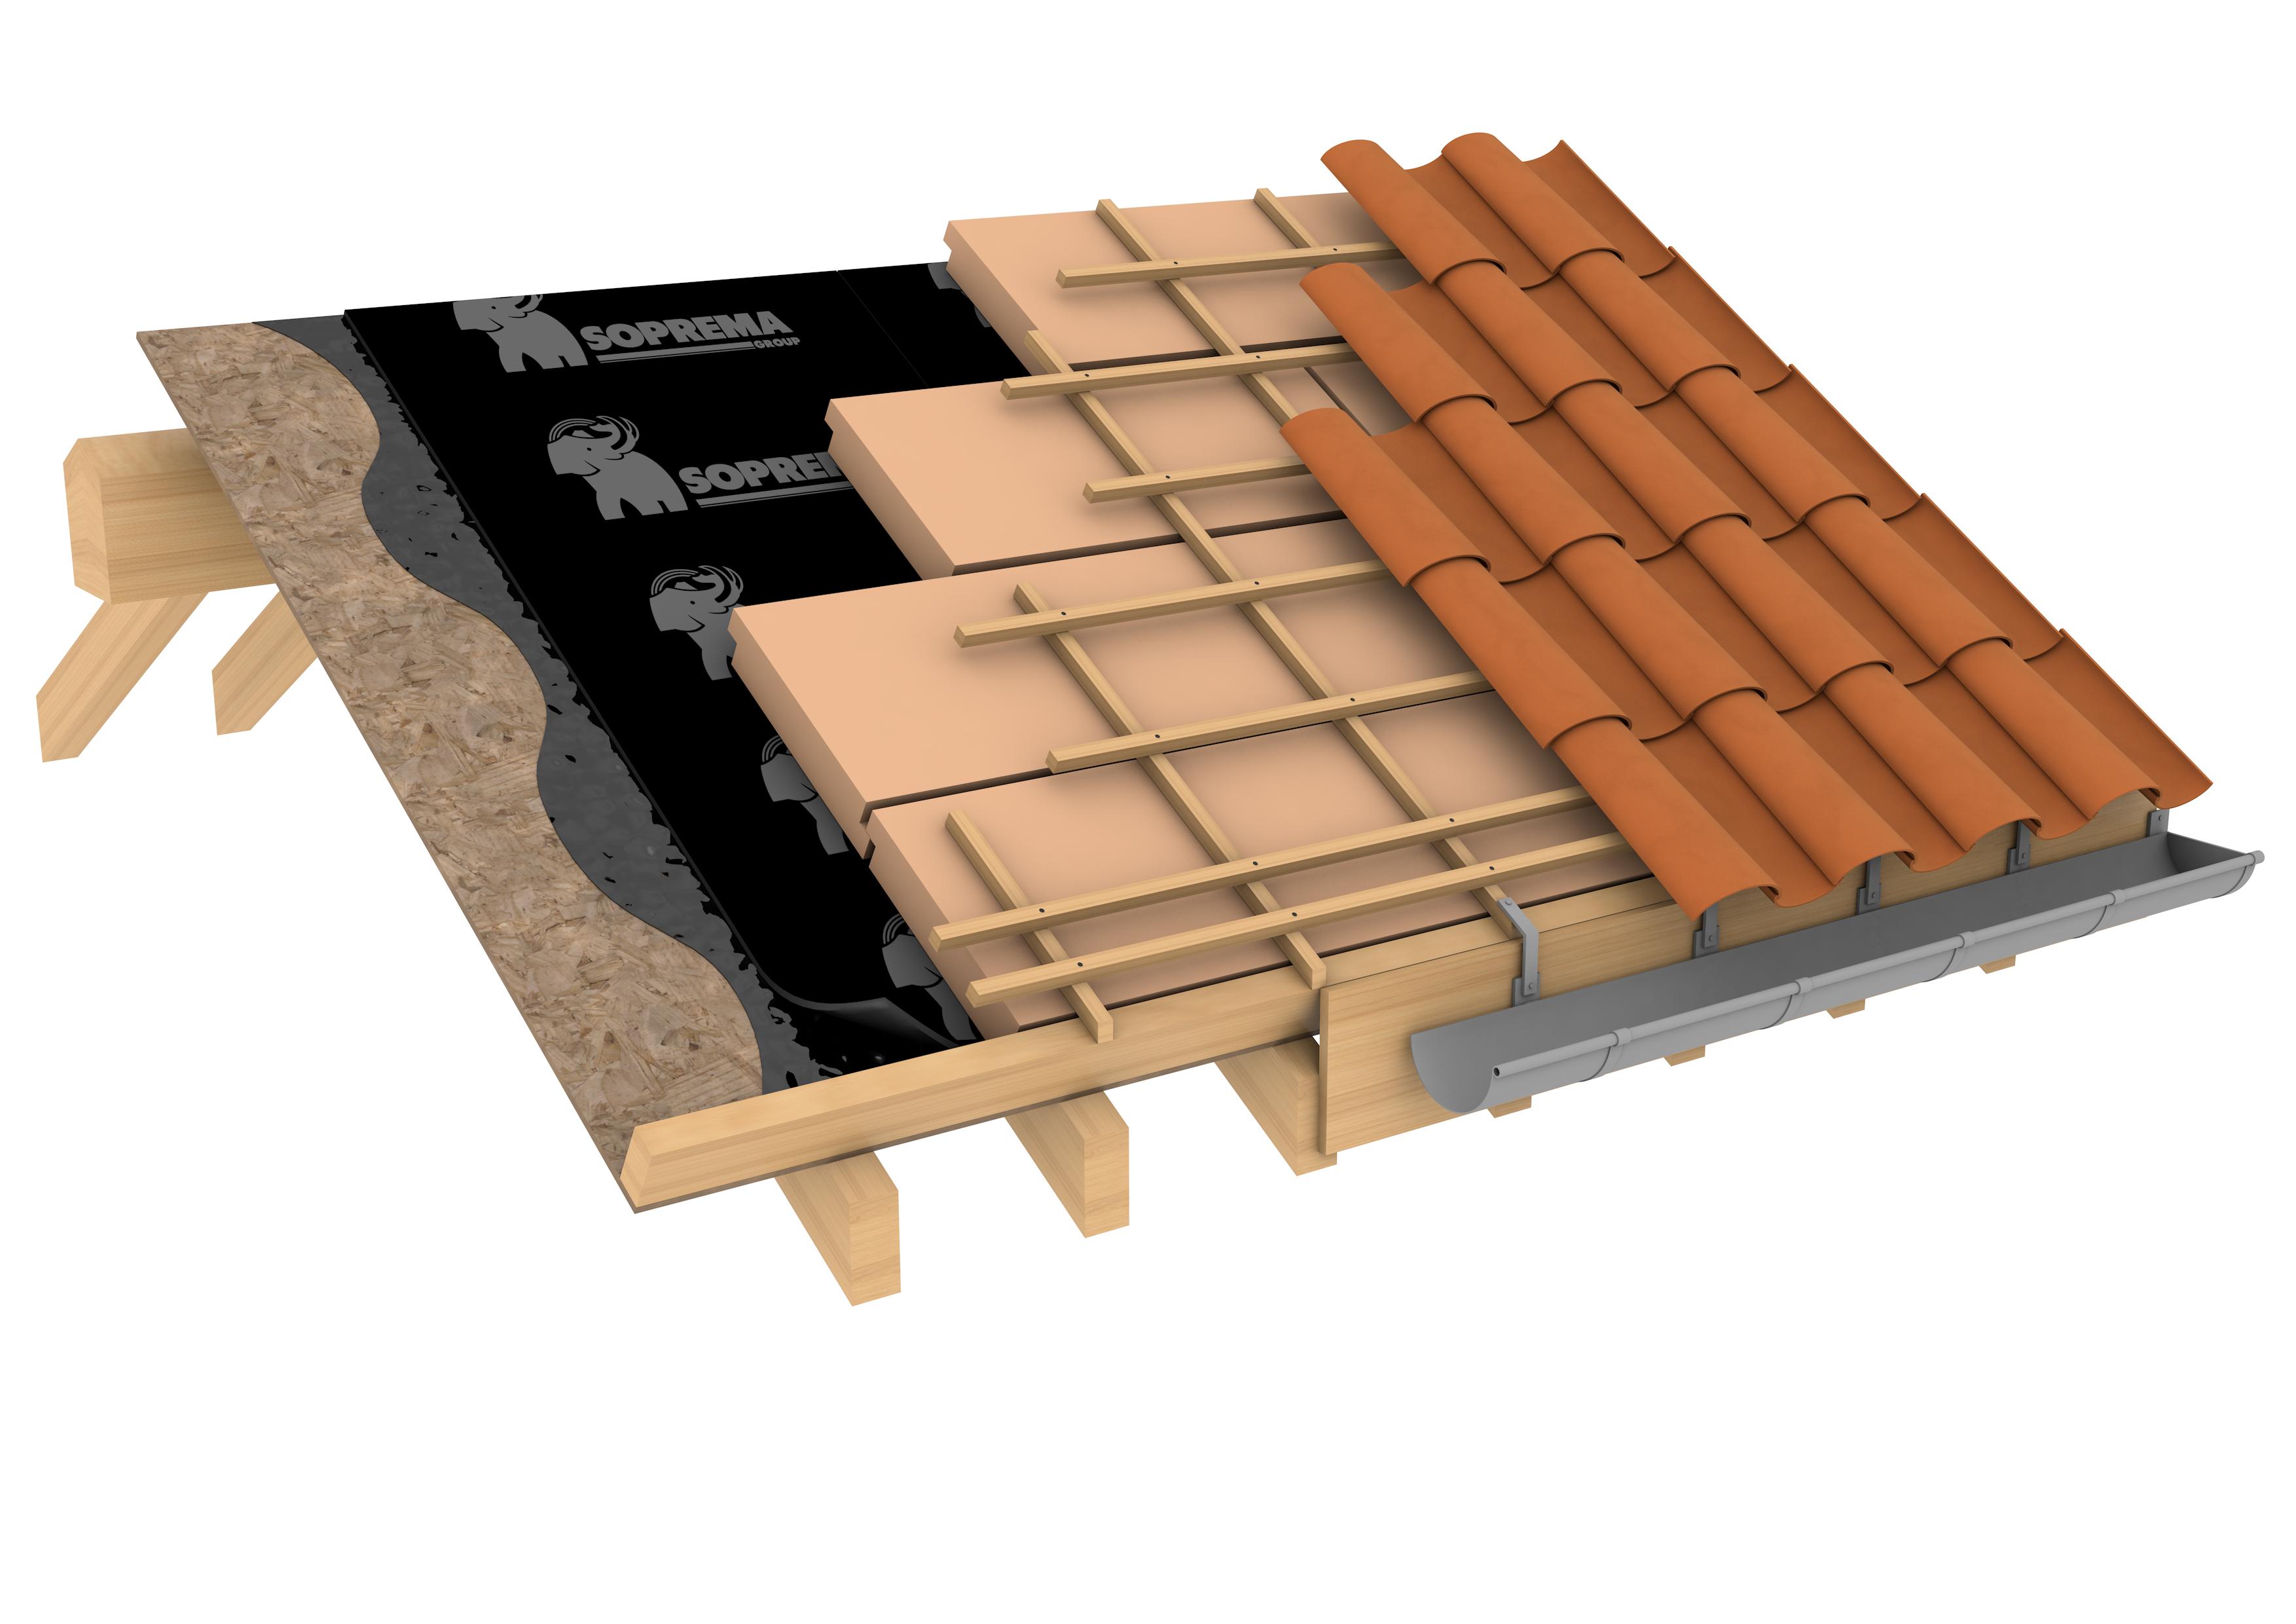 Cubierta inclinada de teja te 01 22a soprema - Tipos de cubiertas inclinadas ...